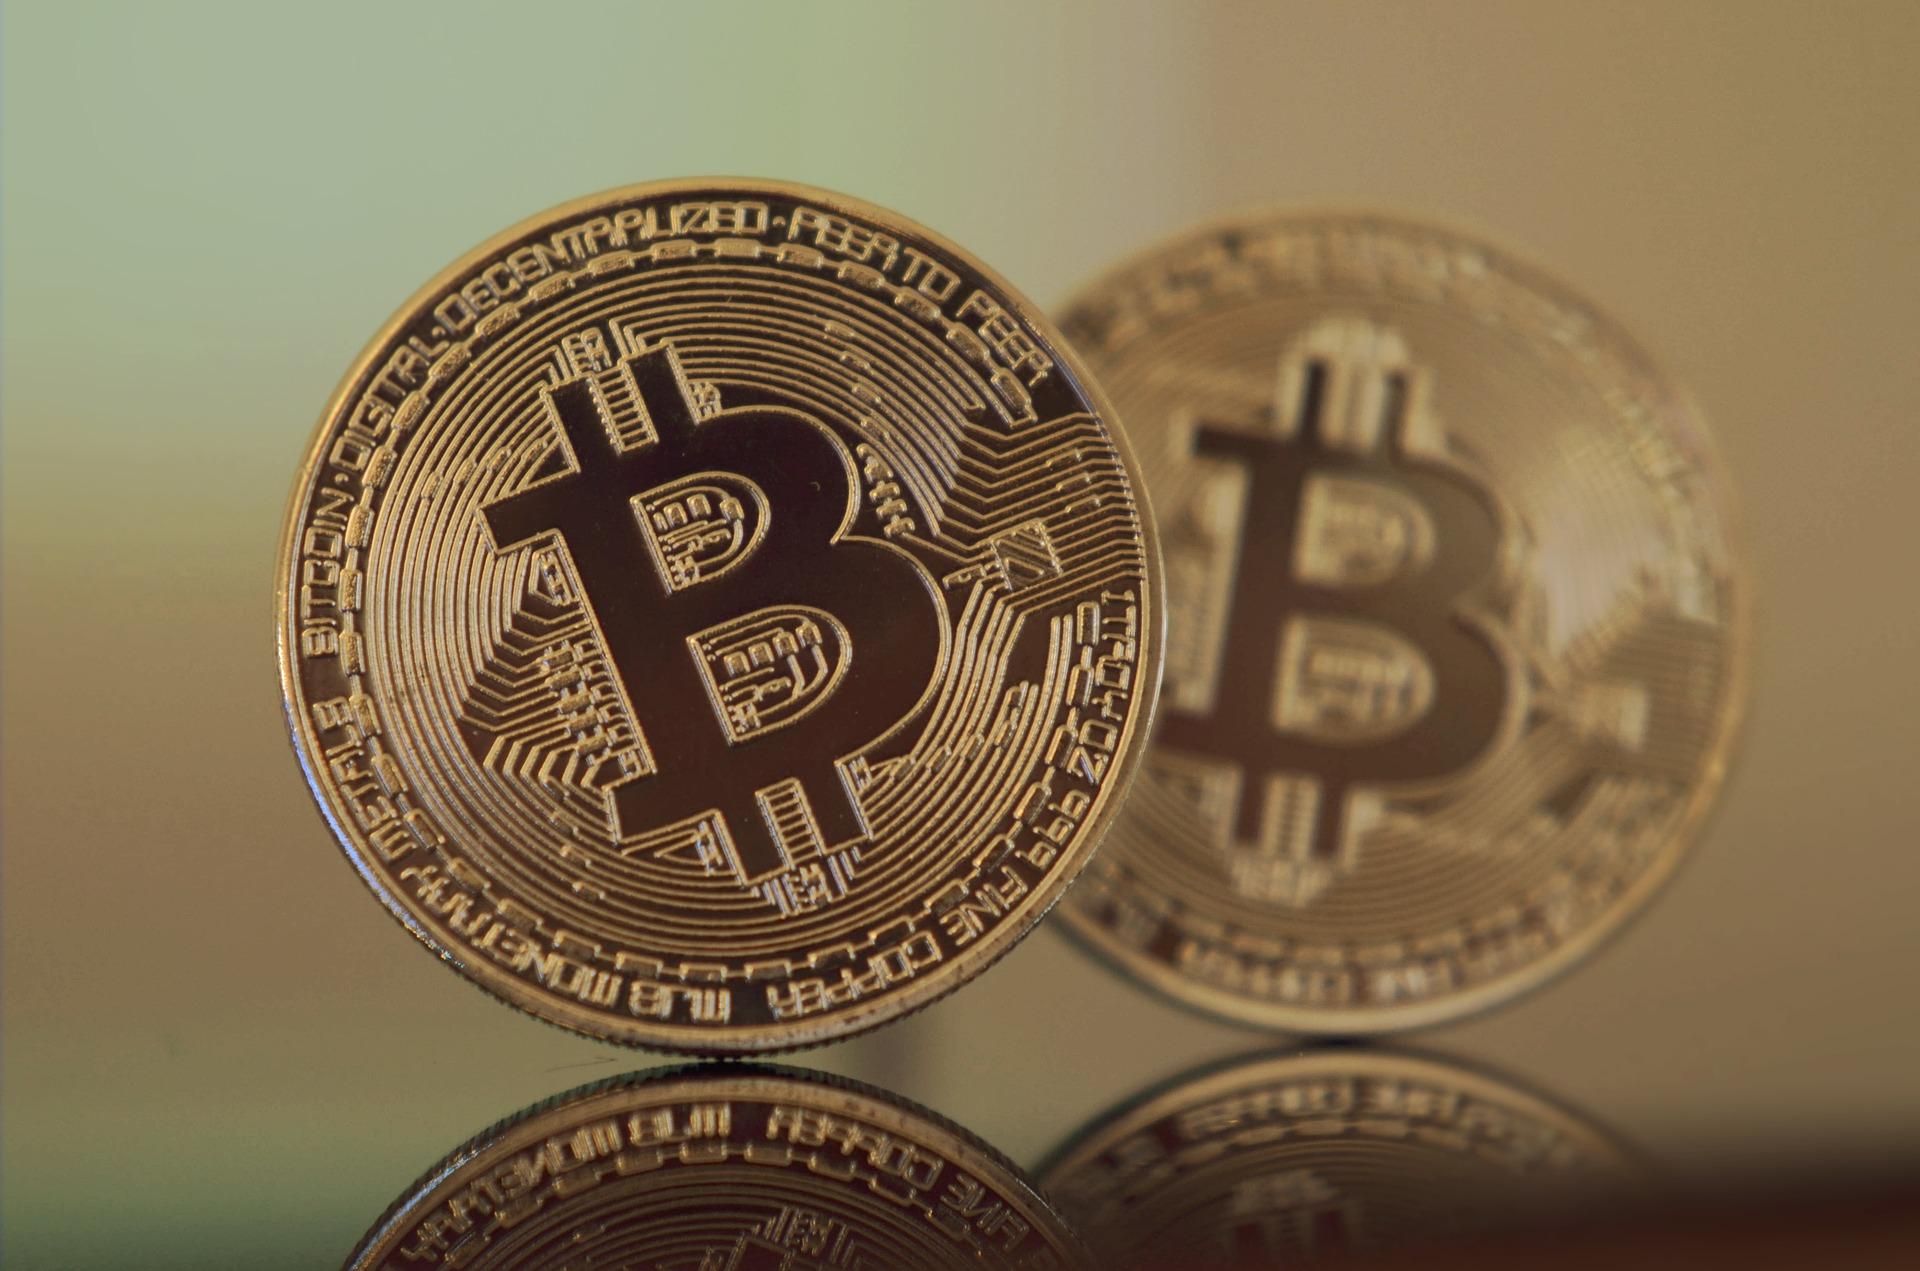 XMで仮想通貨が取引できる!?XMで仮想通貨を取引するメリットとデメリット